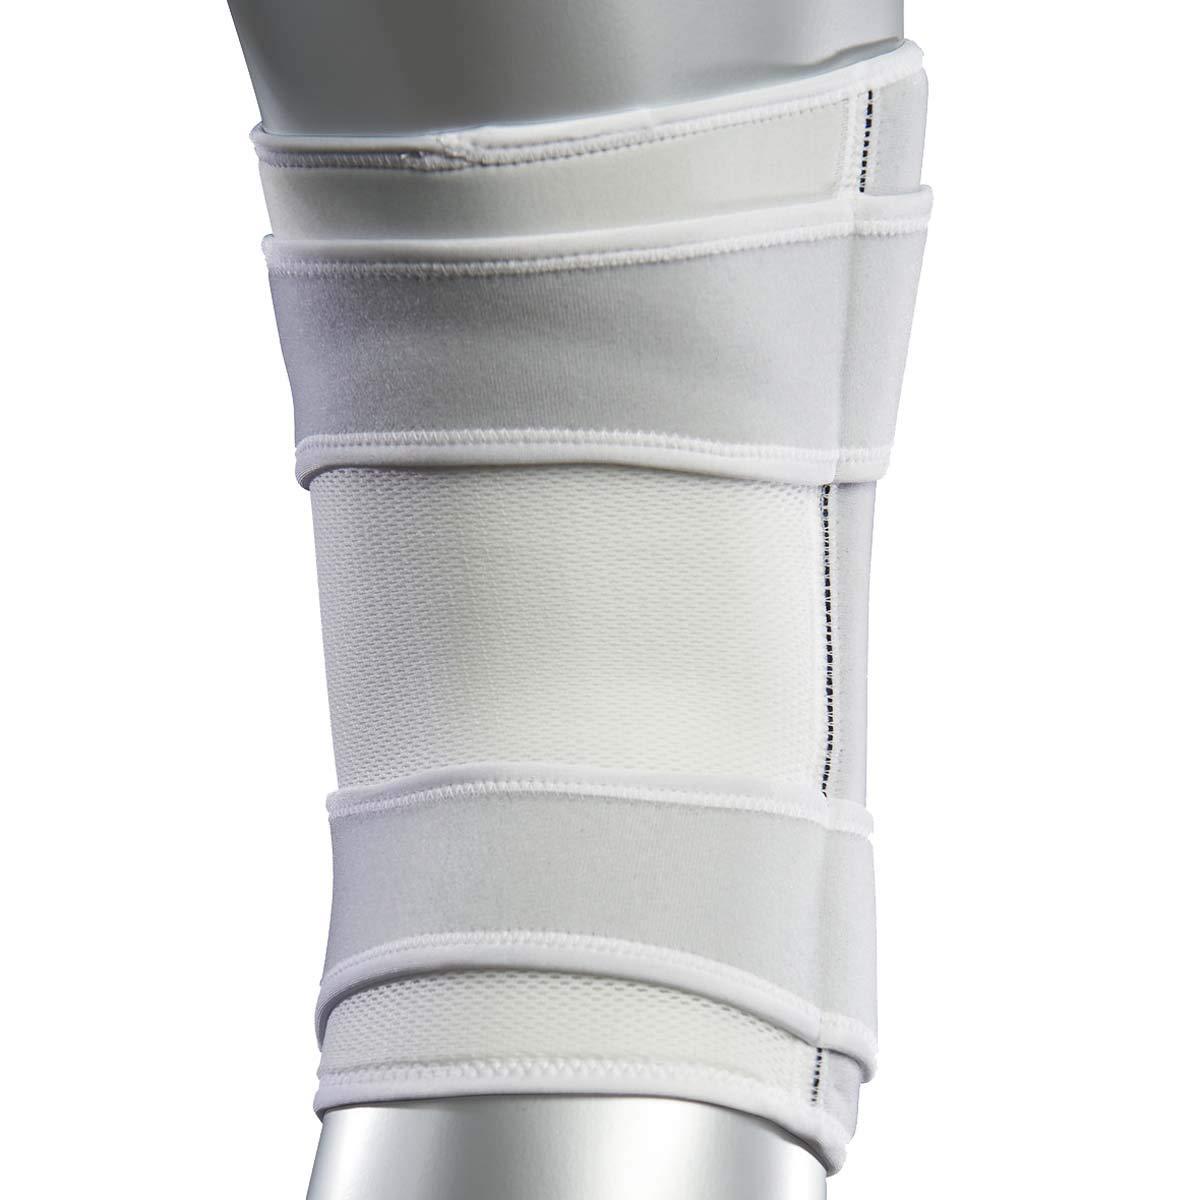 Zamst 471723 ZK-7 Knee Brace, White, Large by Zamst (Image #3)